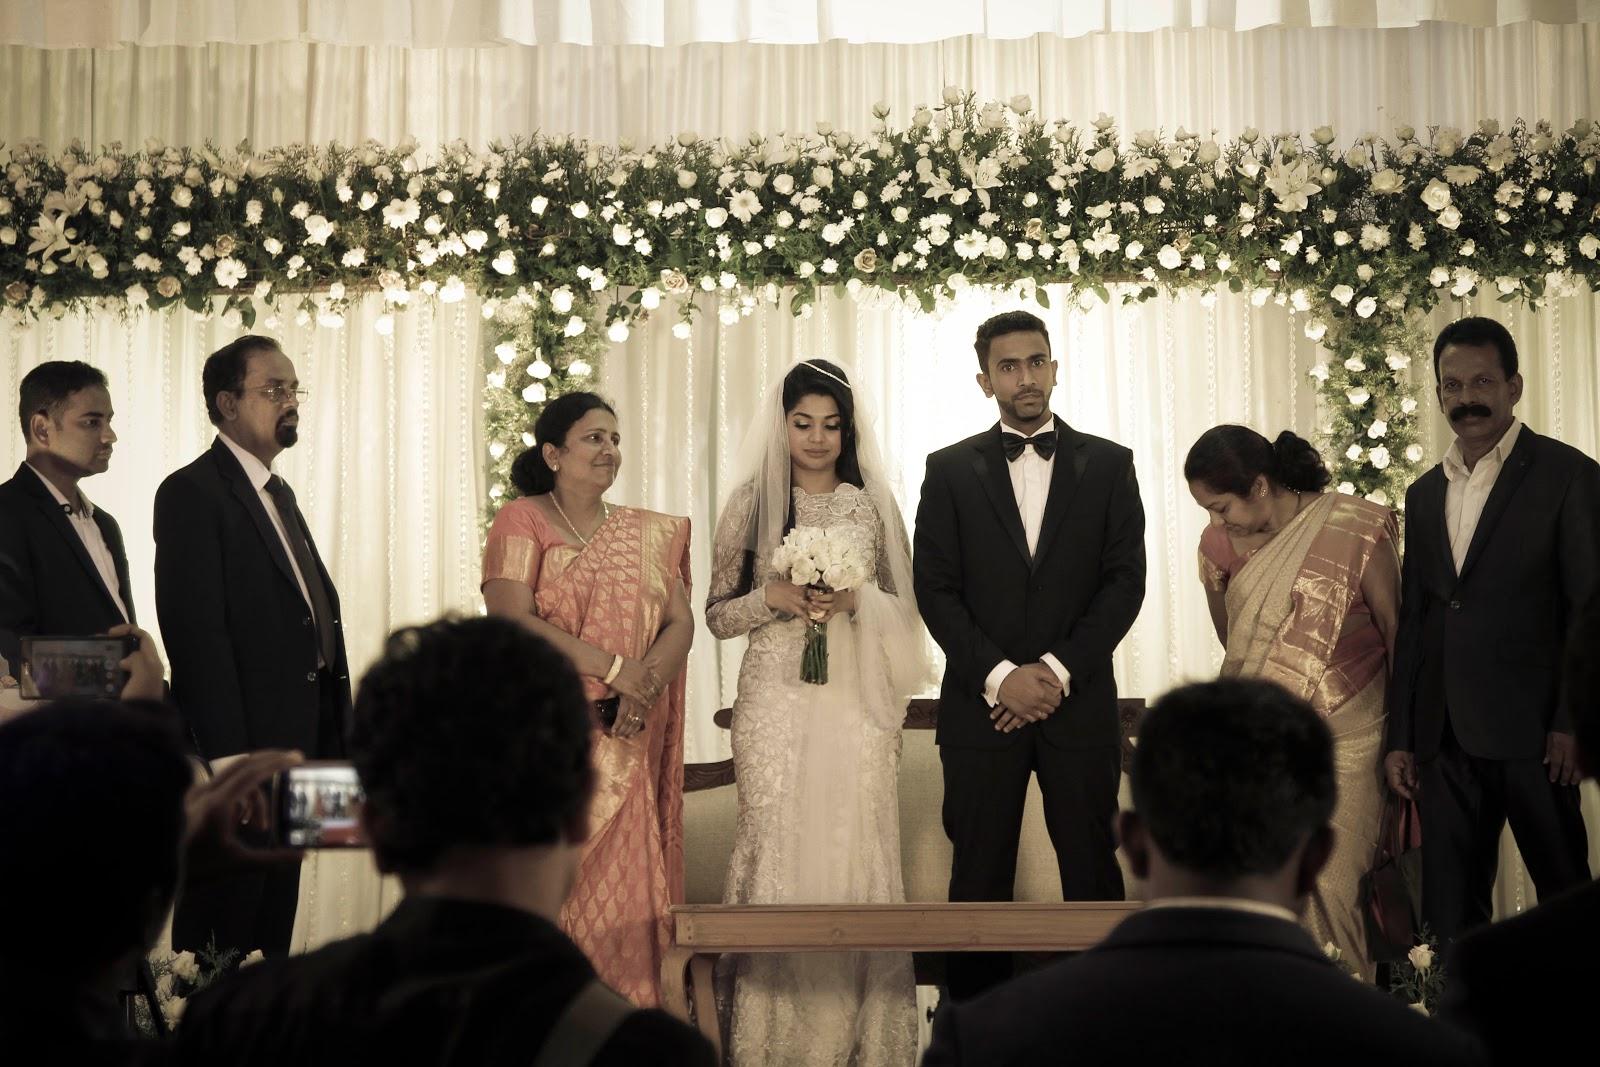 wedding planner pathanamthitta +1, wedding planner pathanamthitta +1, wedding planner pathanamthitta + 1, wedding planner pathanamthitta + 4, wedding planner pathanamthitta + 5